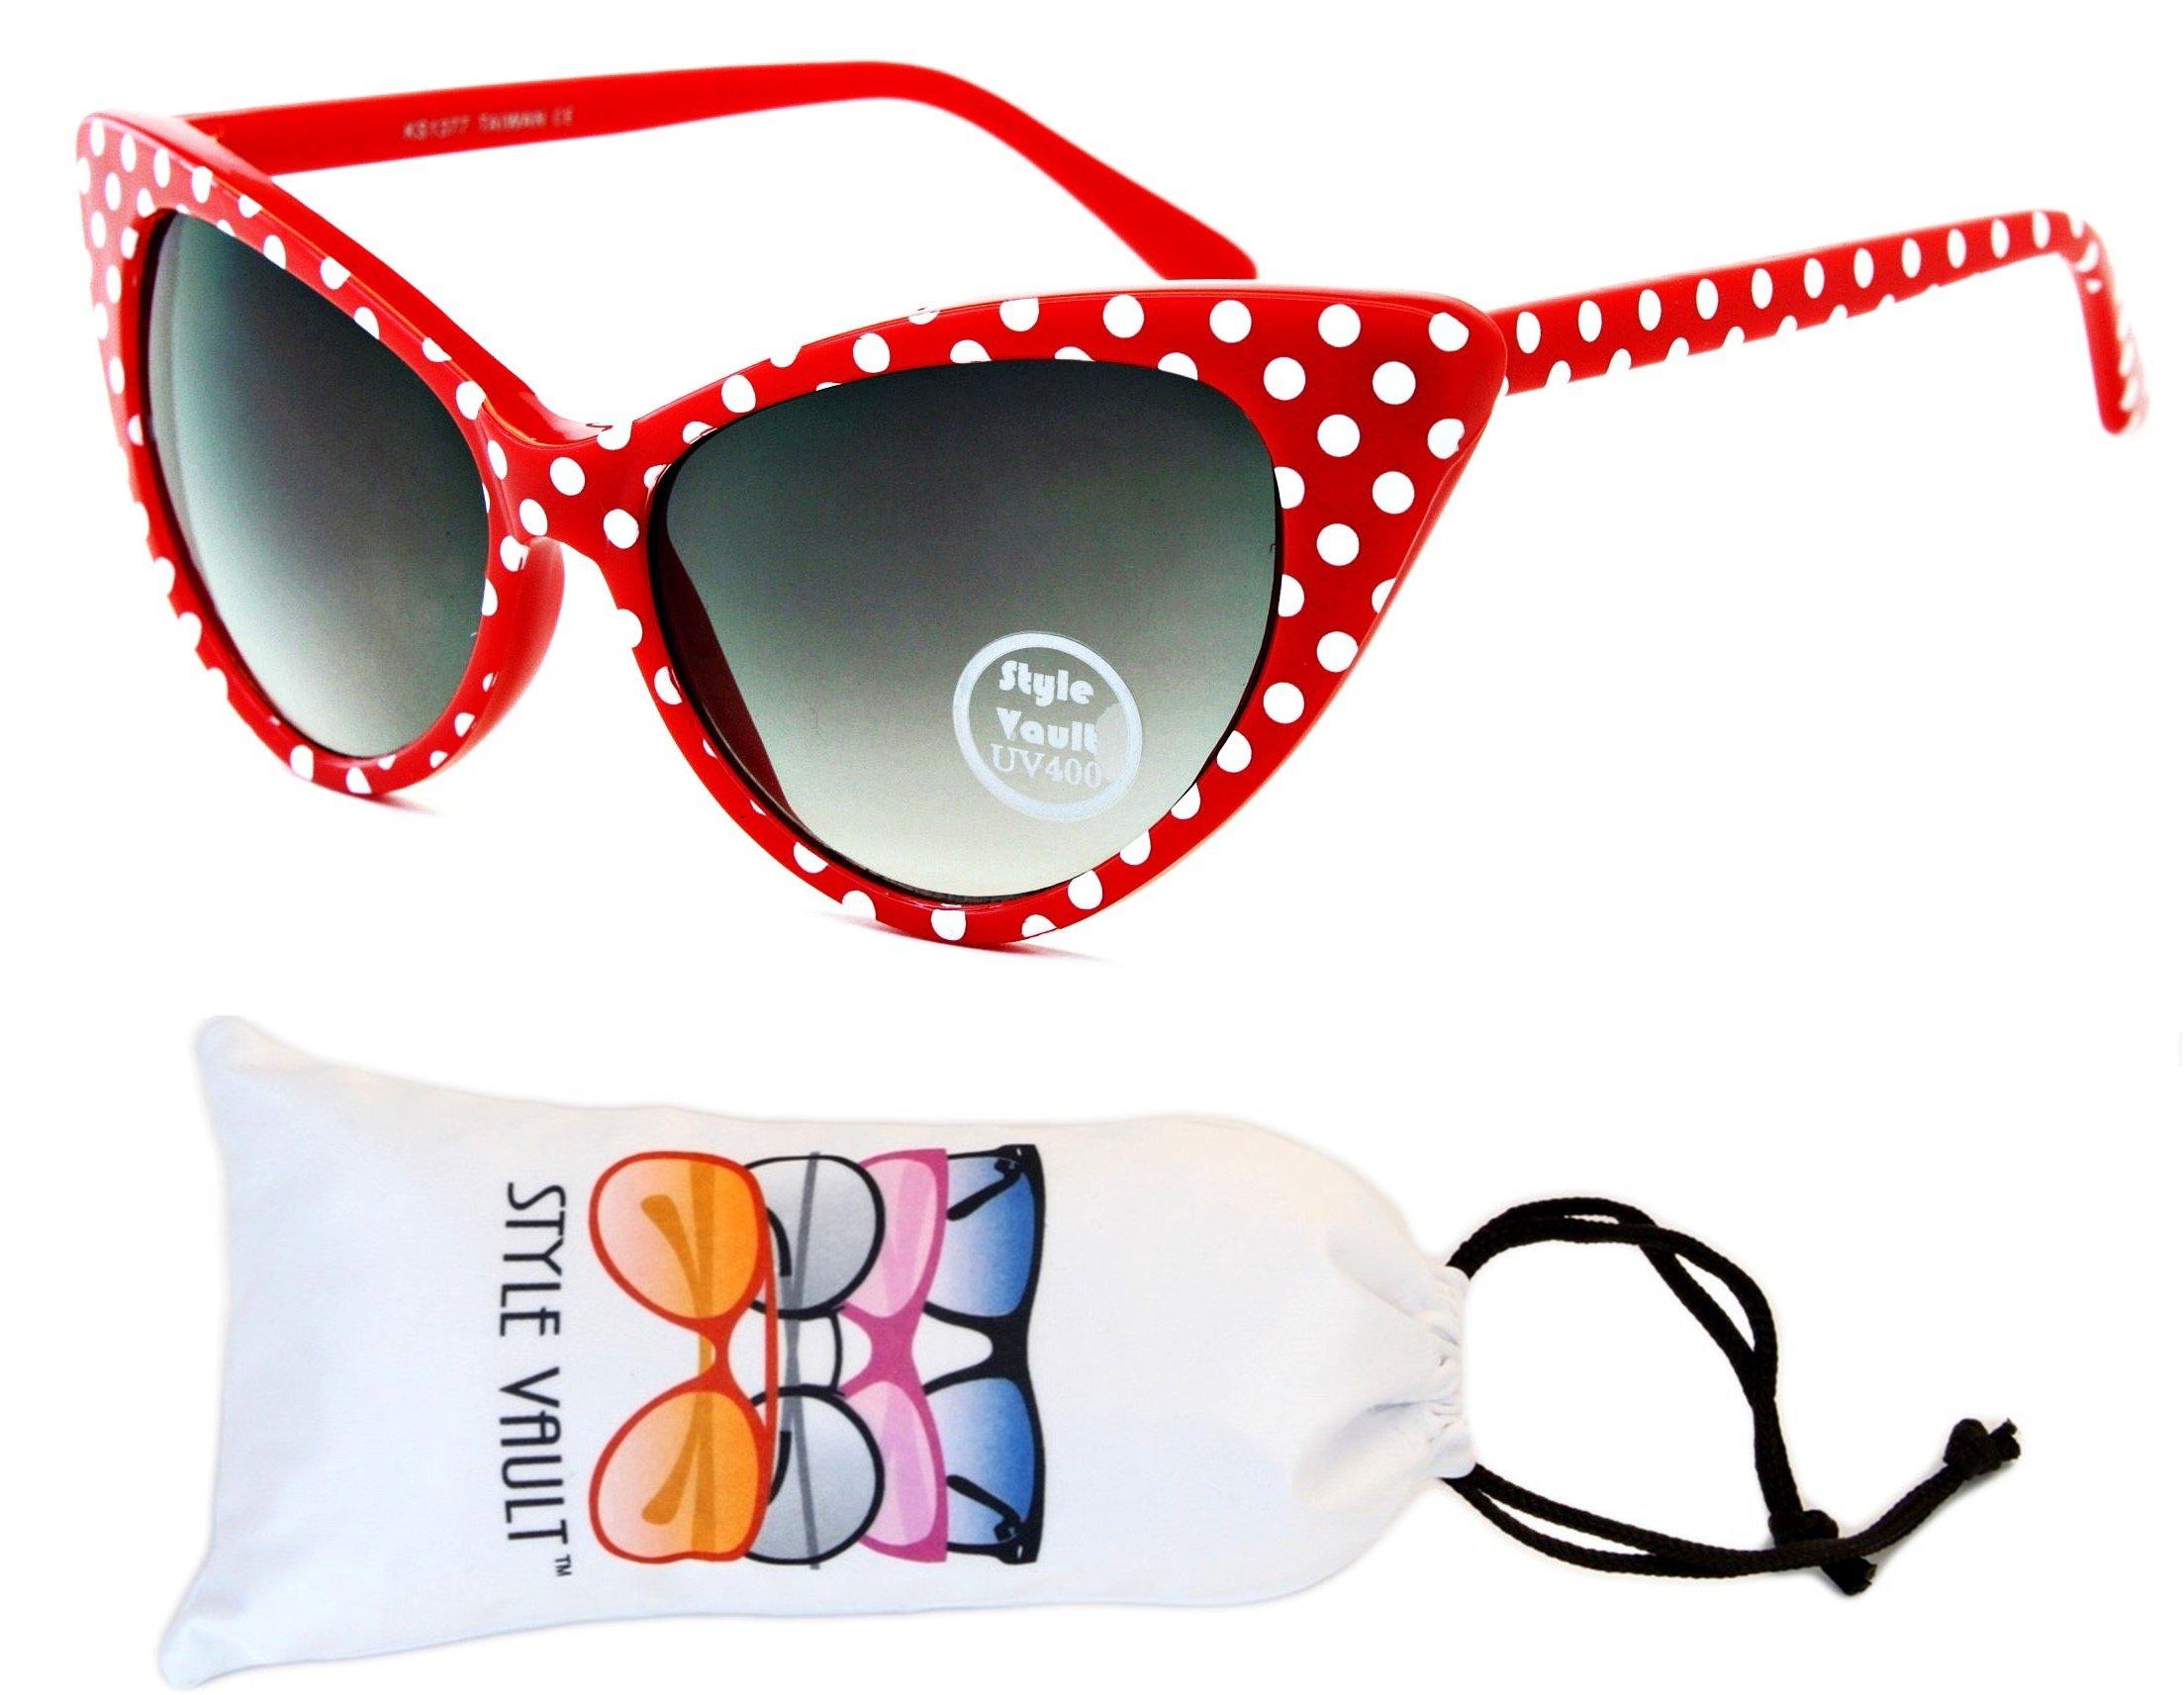 Wm528-vp Style Vault Unique Cateye polka dots Sunglasses (S3236V Red/White Dots, uv400)